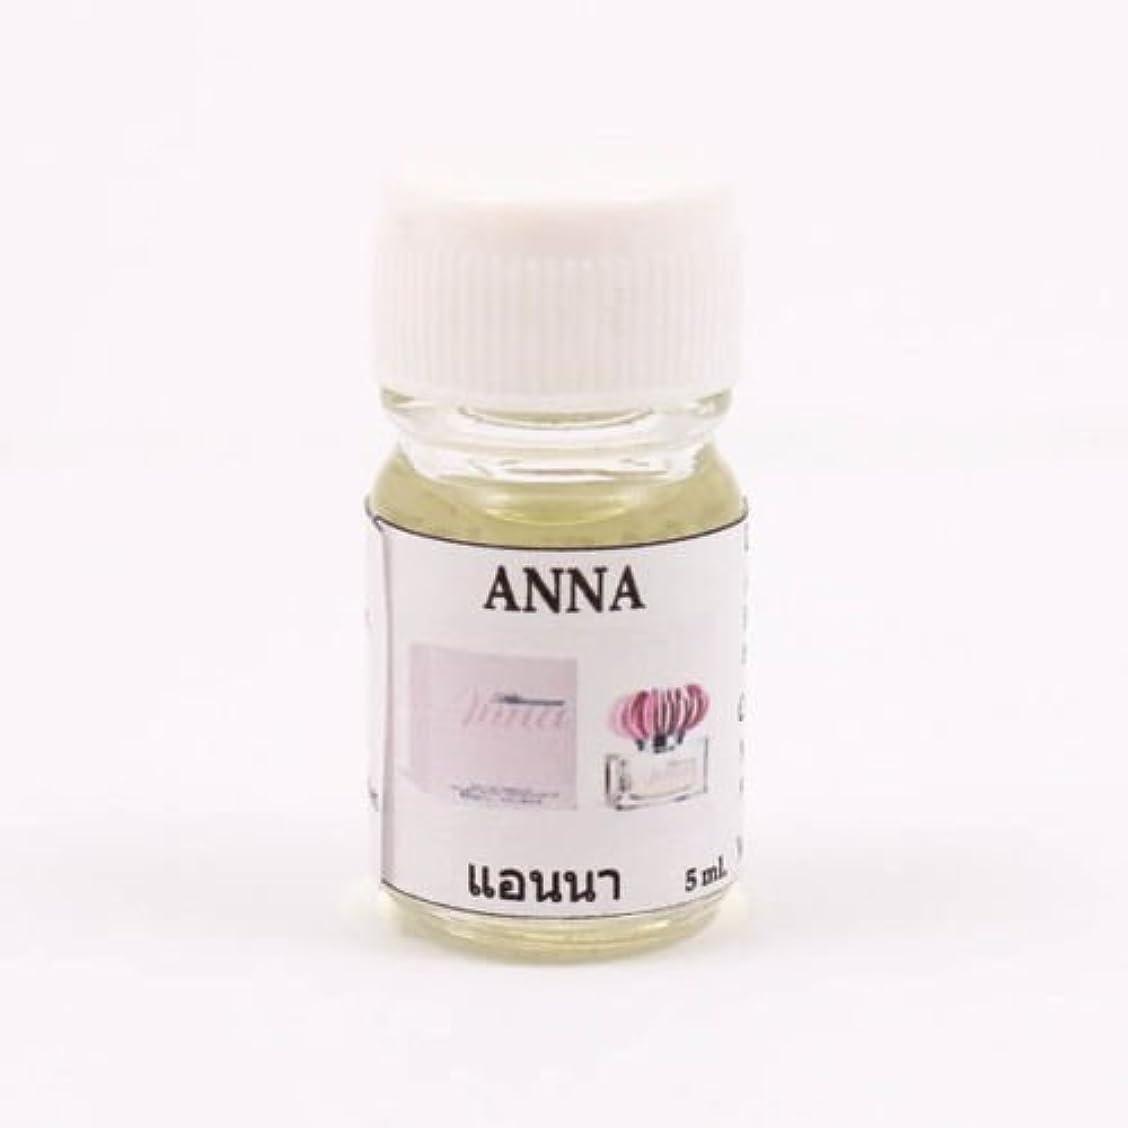 安定した革命的テメリティ6X Anna Aroma Fragrance Essential Oil 5ML. (cc) Diffuser Burner Therapy